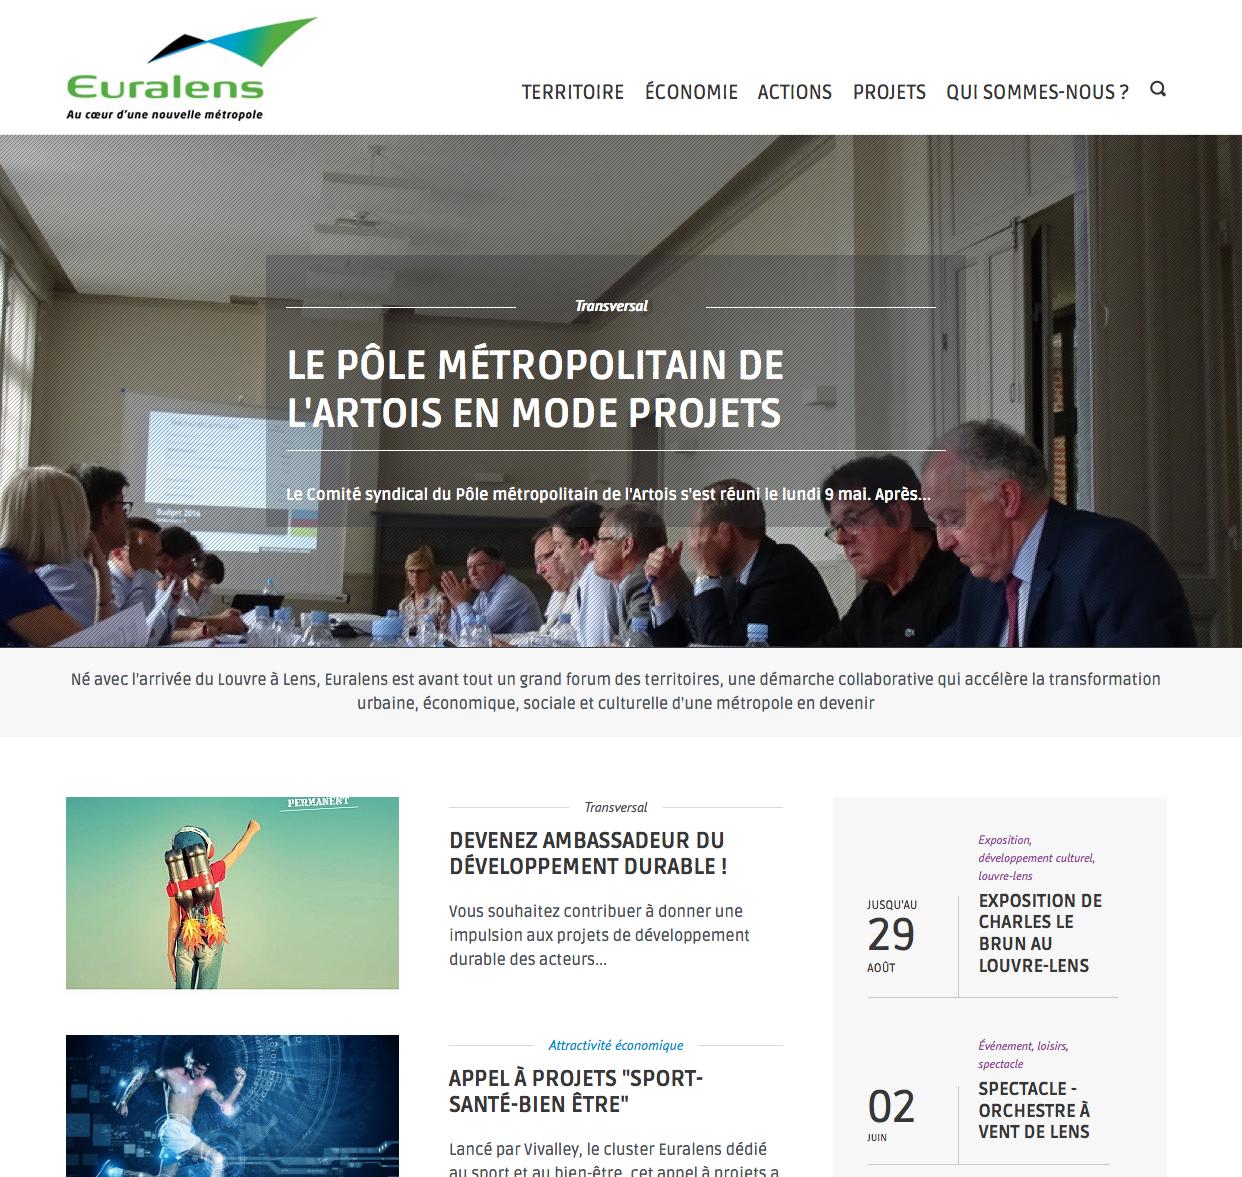 Plus d'infos sur le site d'Euralens